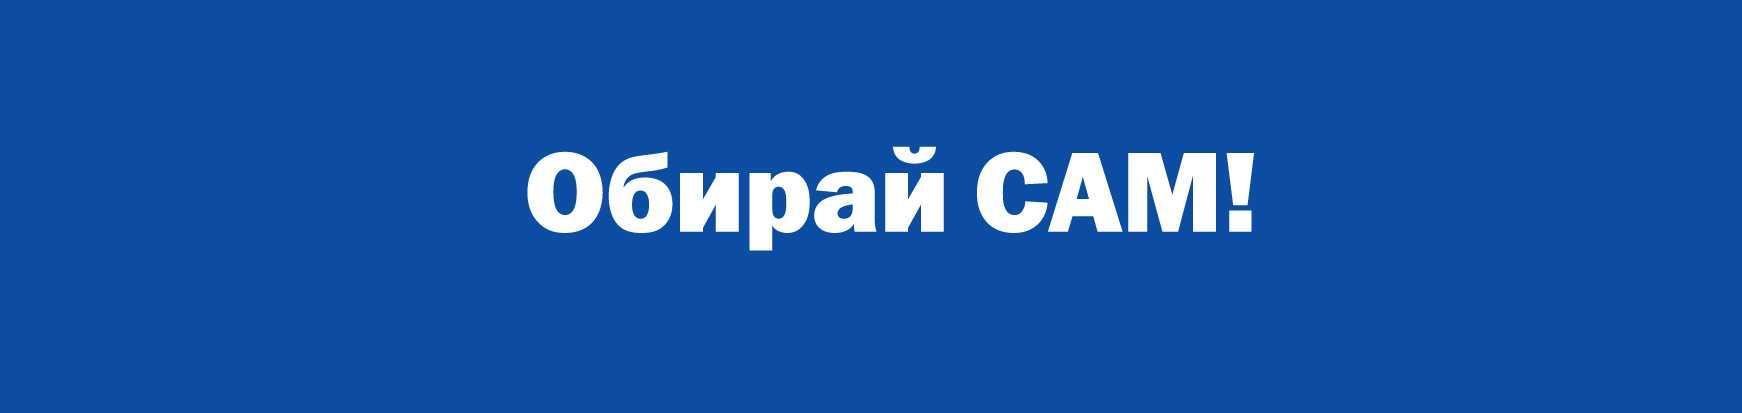 Sam_Calnd_Part_obyraj